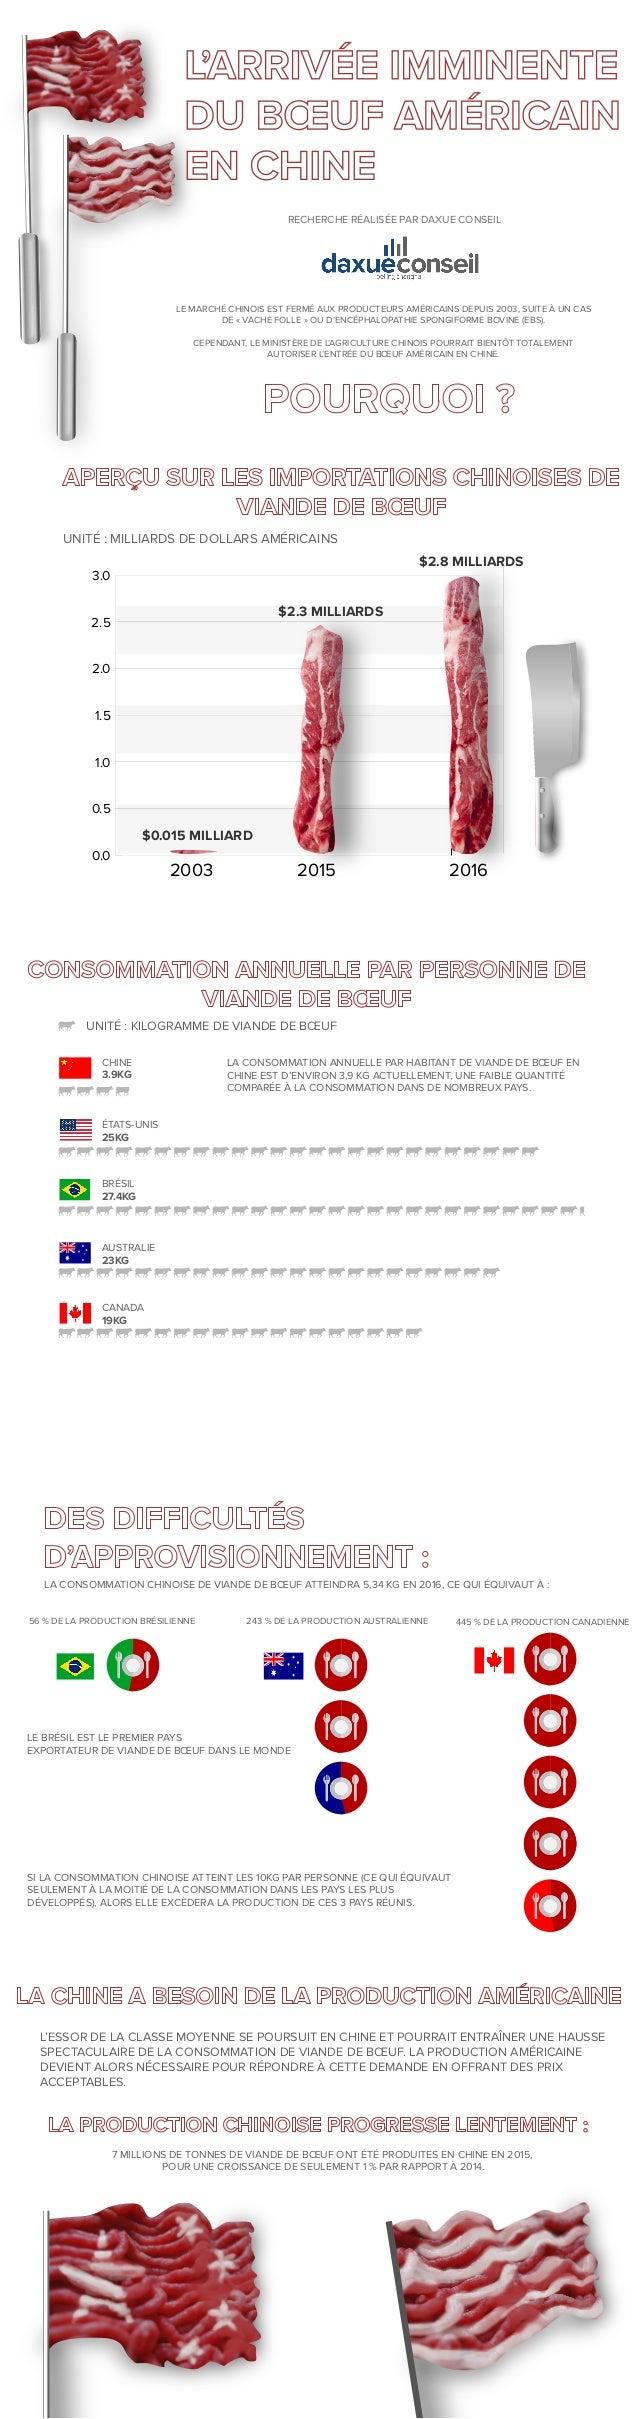 RECHERCHE RÉALISÉE PAR DAXUE CONSEIL LE MARCHÉ CHINOIS EST FERMÉ AUX PRODUCTEURS AMÉRICAINS DEPUIS 2003, SUITE À UN CAS DE...